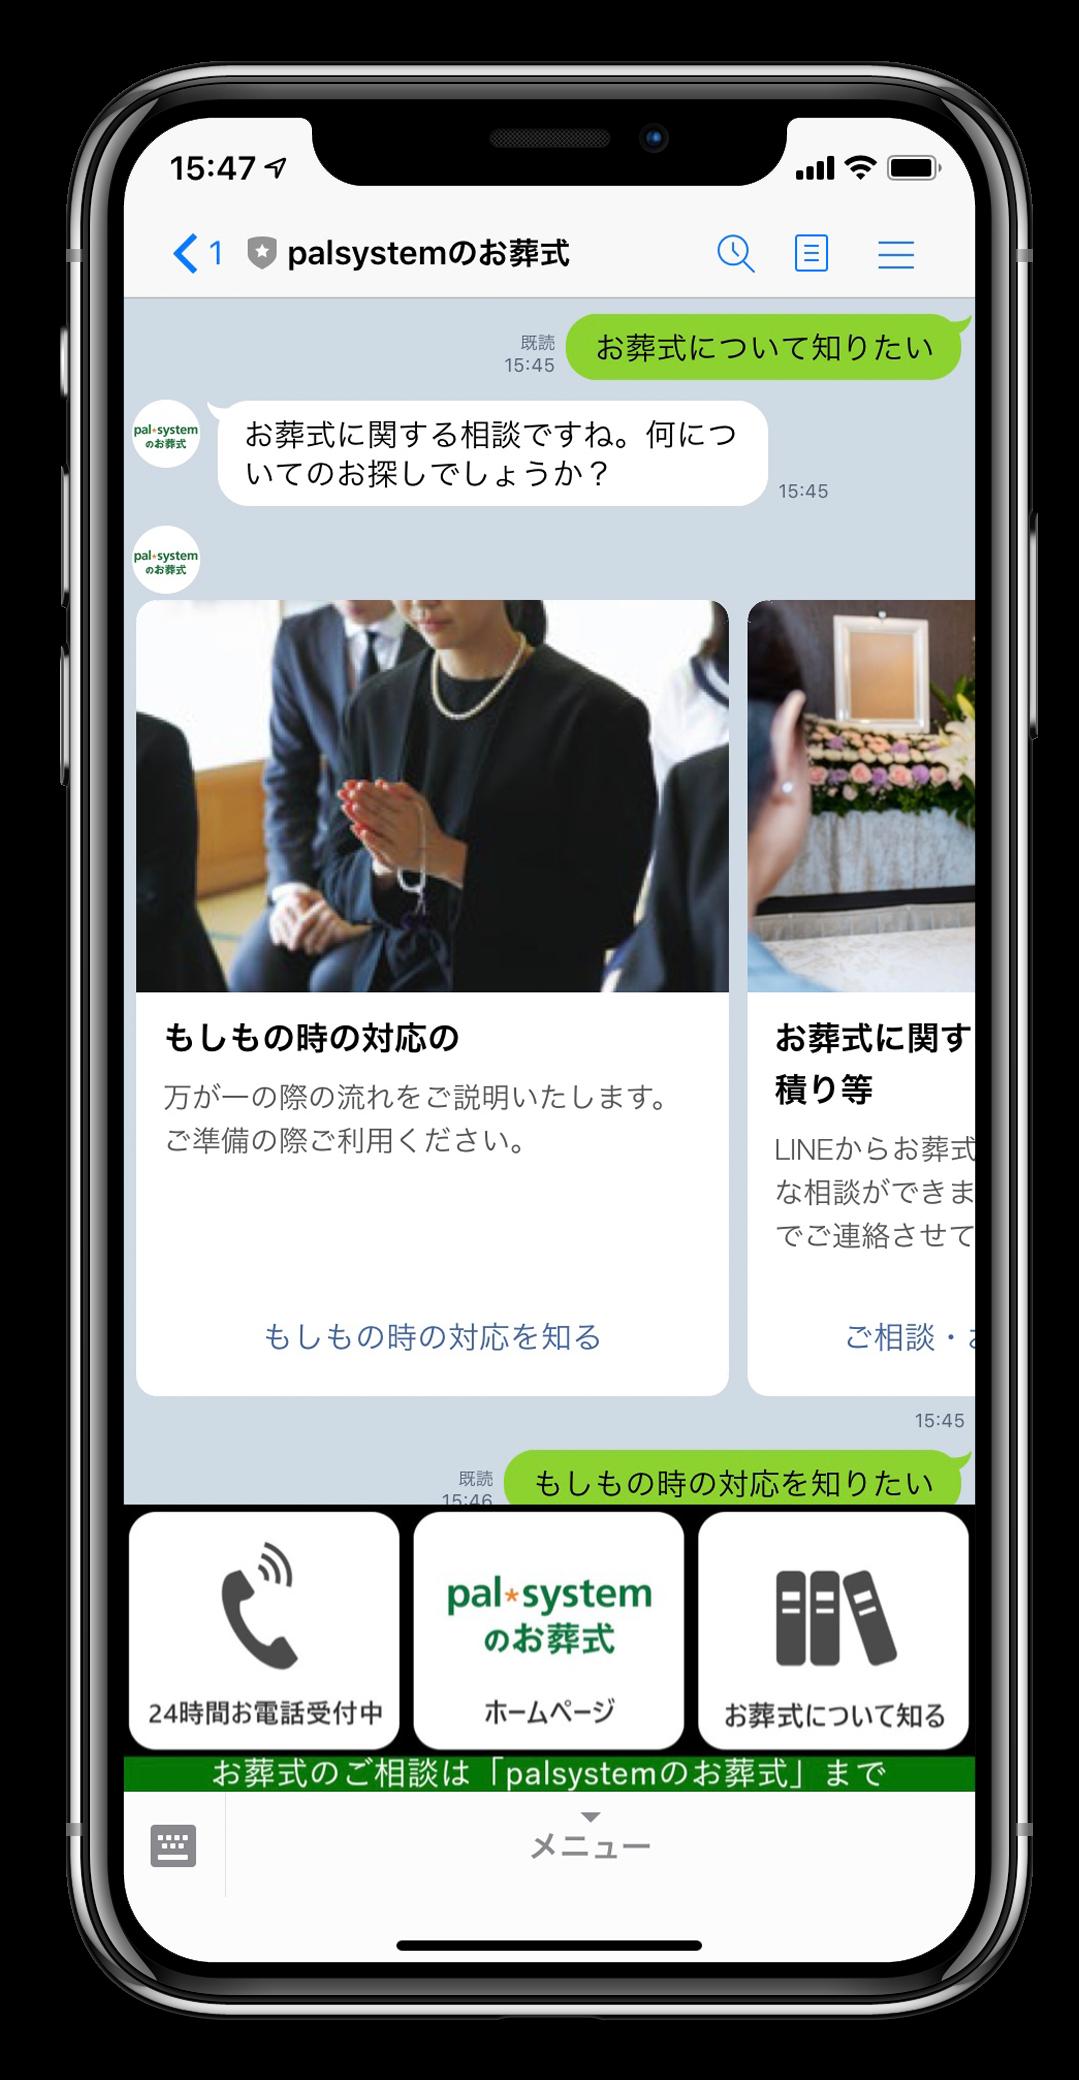 LINE公式アカウントのイメージ画像